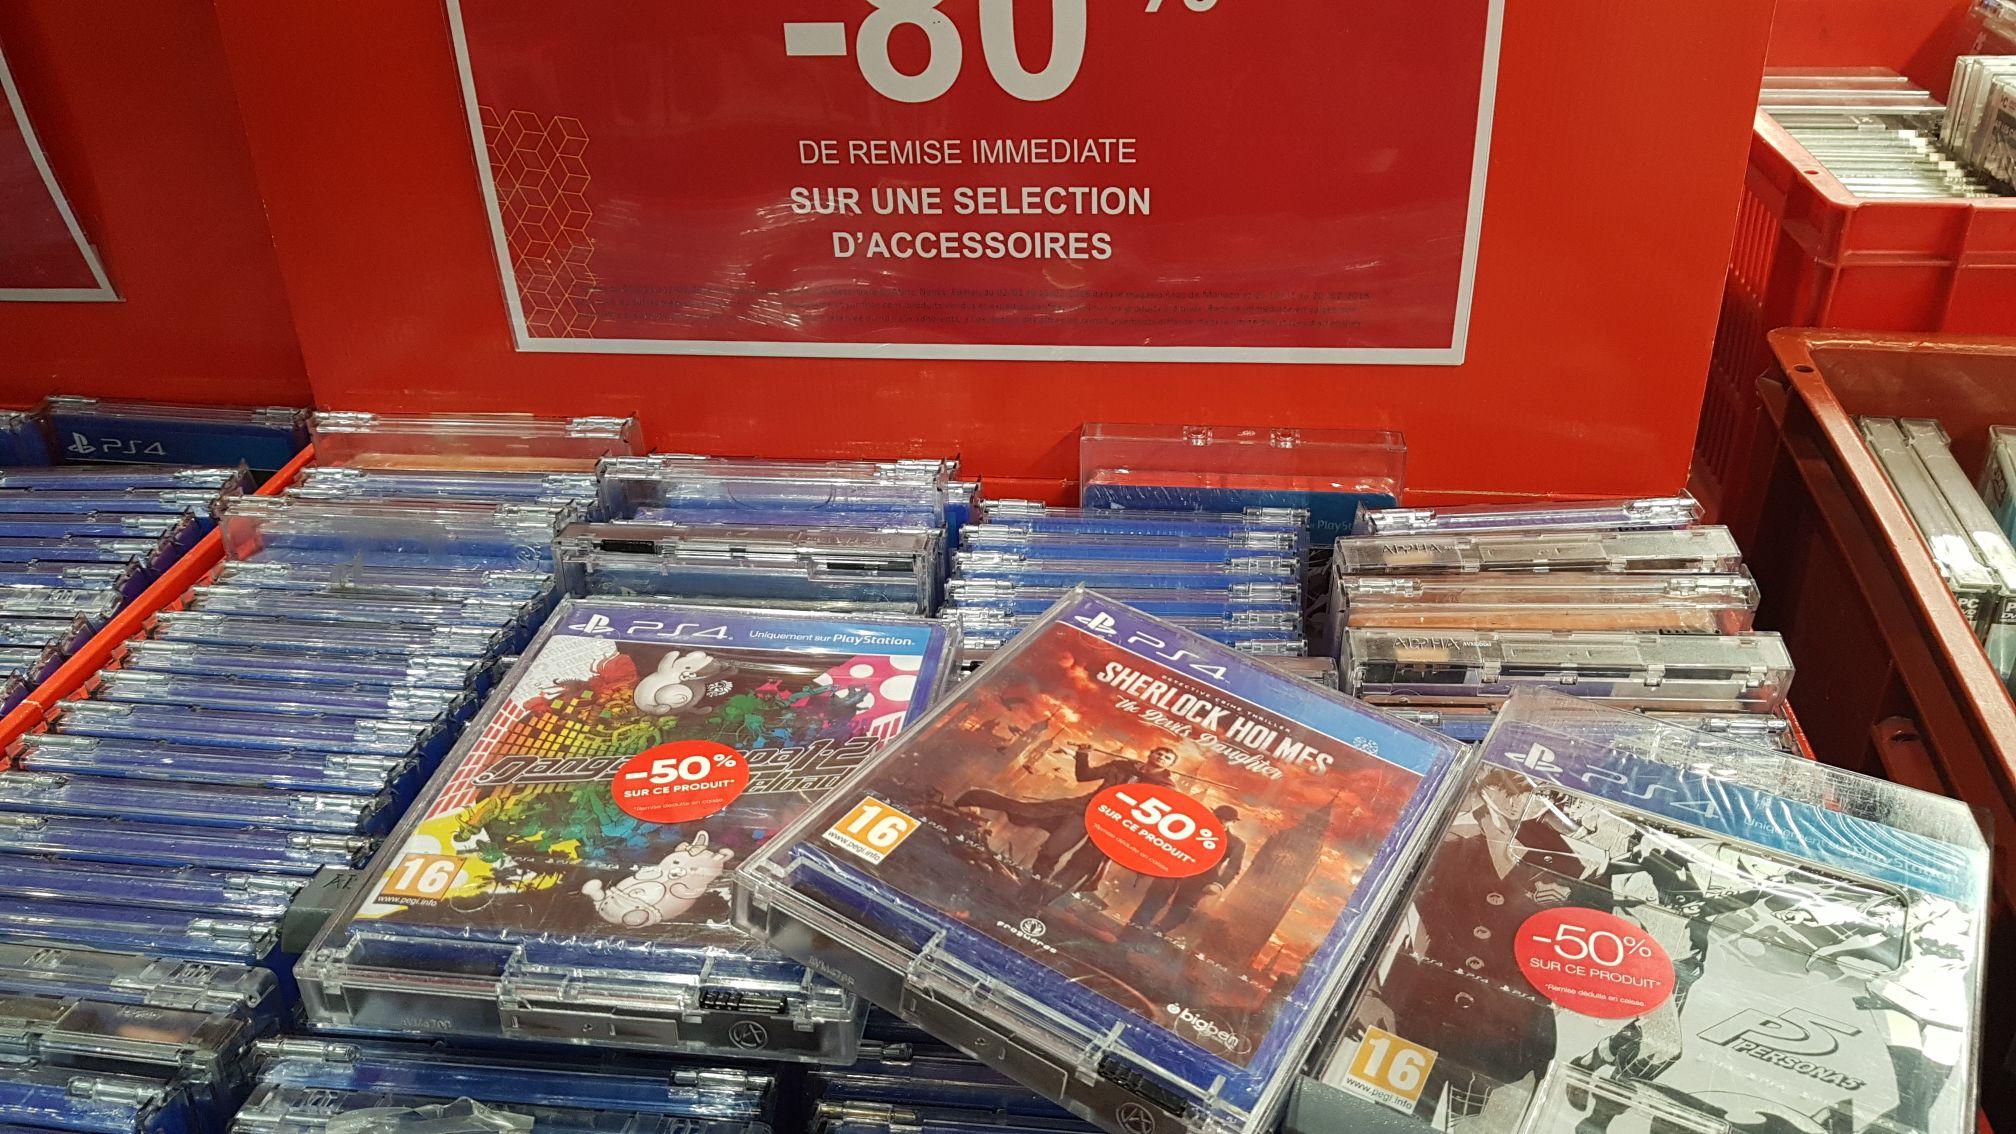 Sélection jeux vidéo en promotion - Ex : Persona 5 SteelBook Édition  - Italie 2 (75)